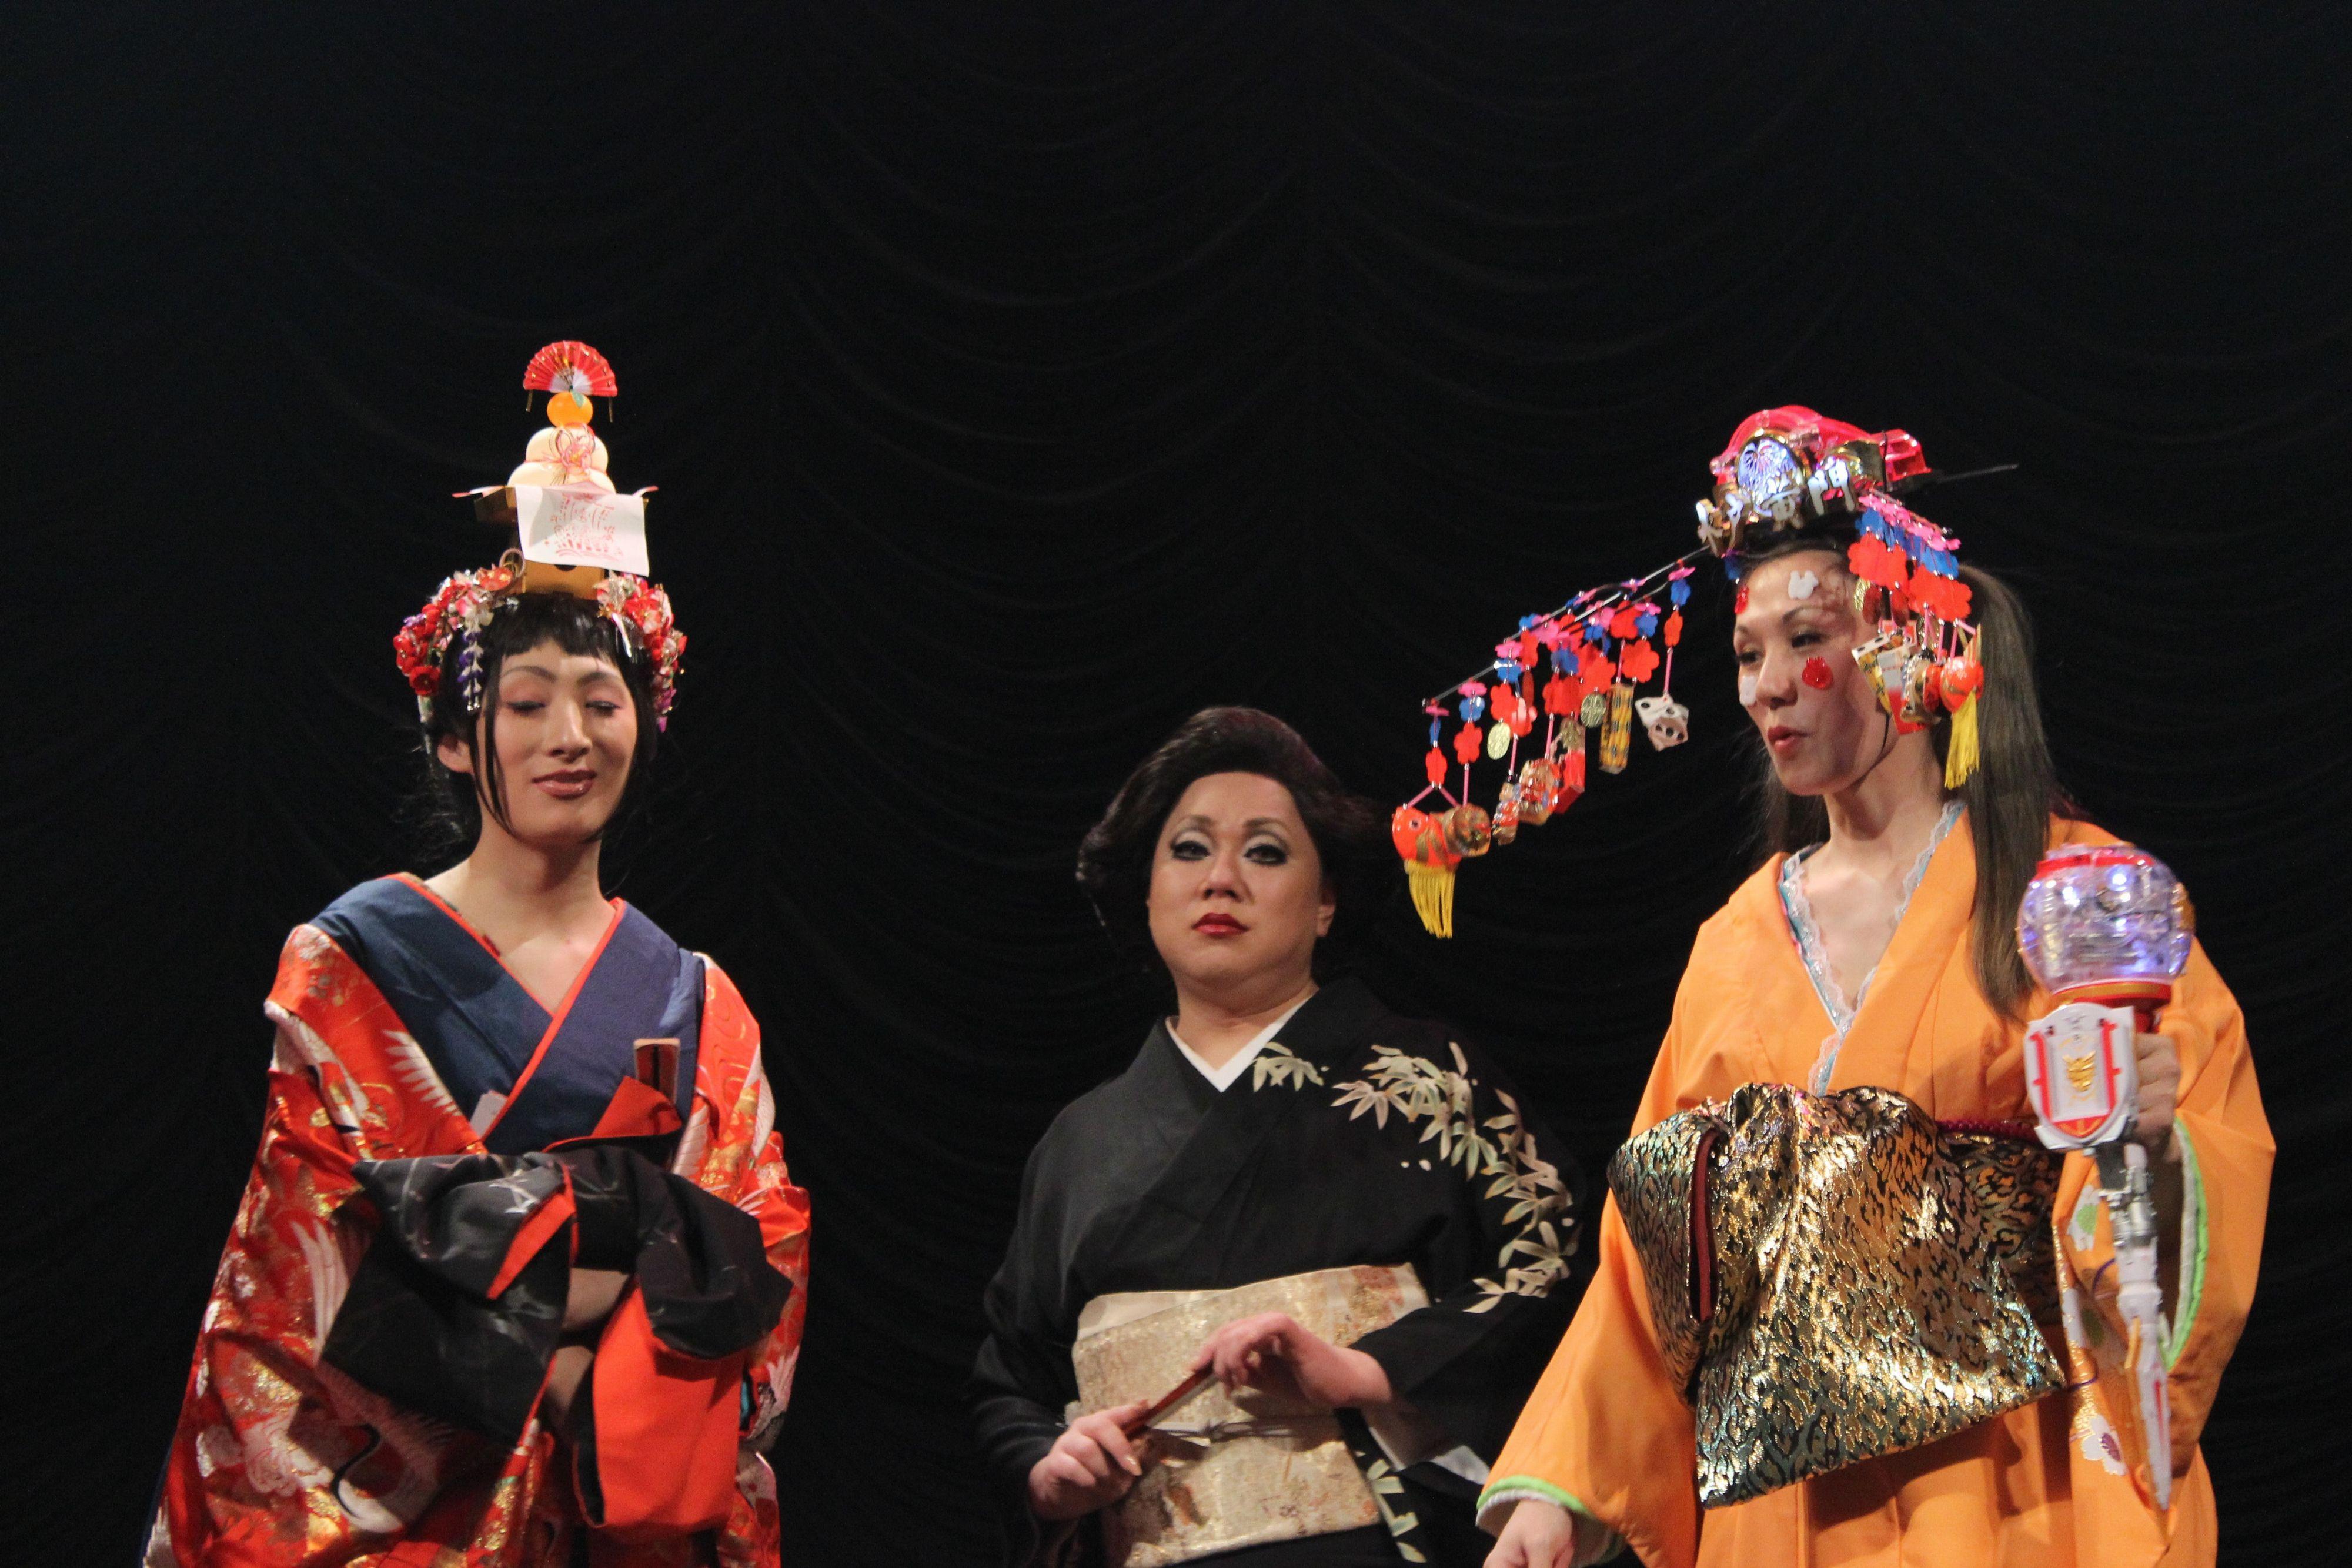 デパートメントH 2099@鶯谷東京キネマ倶楽部 2015年1月~新年最初のアングラパーリーで「明けましておめでとうございます!」